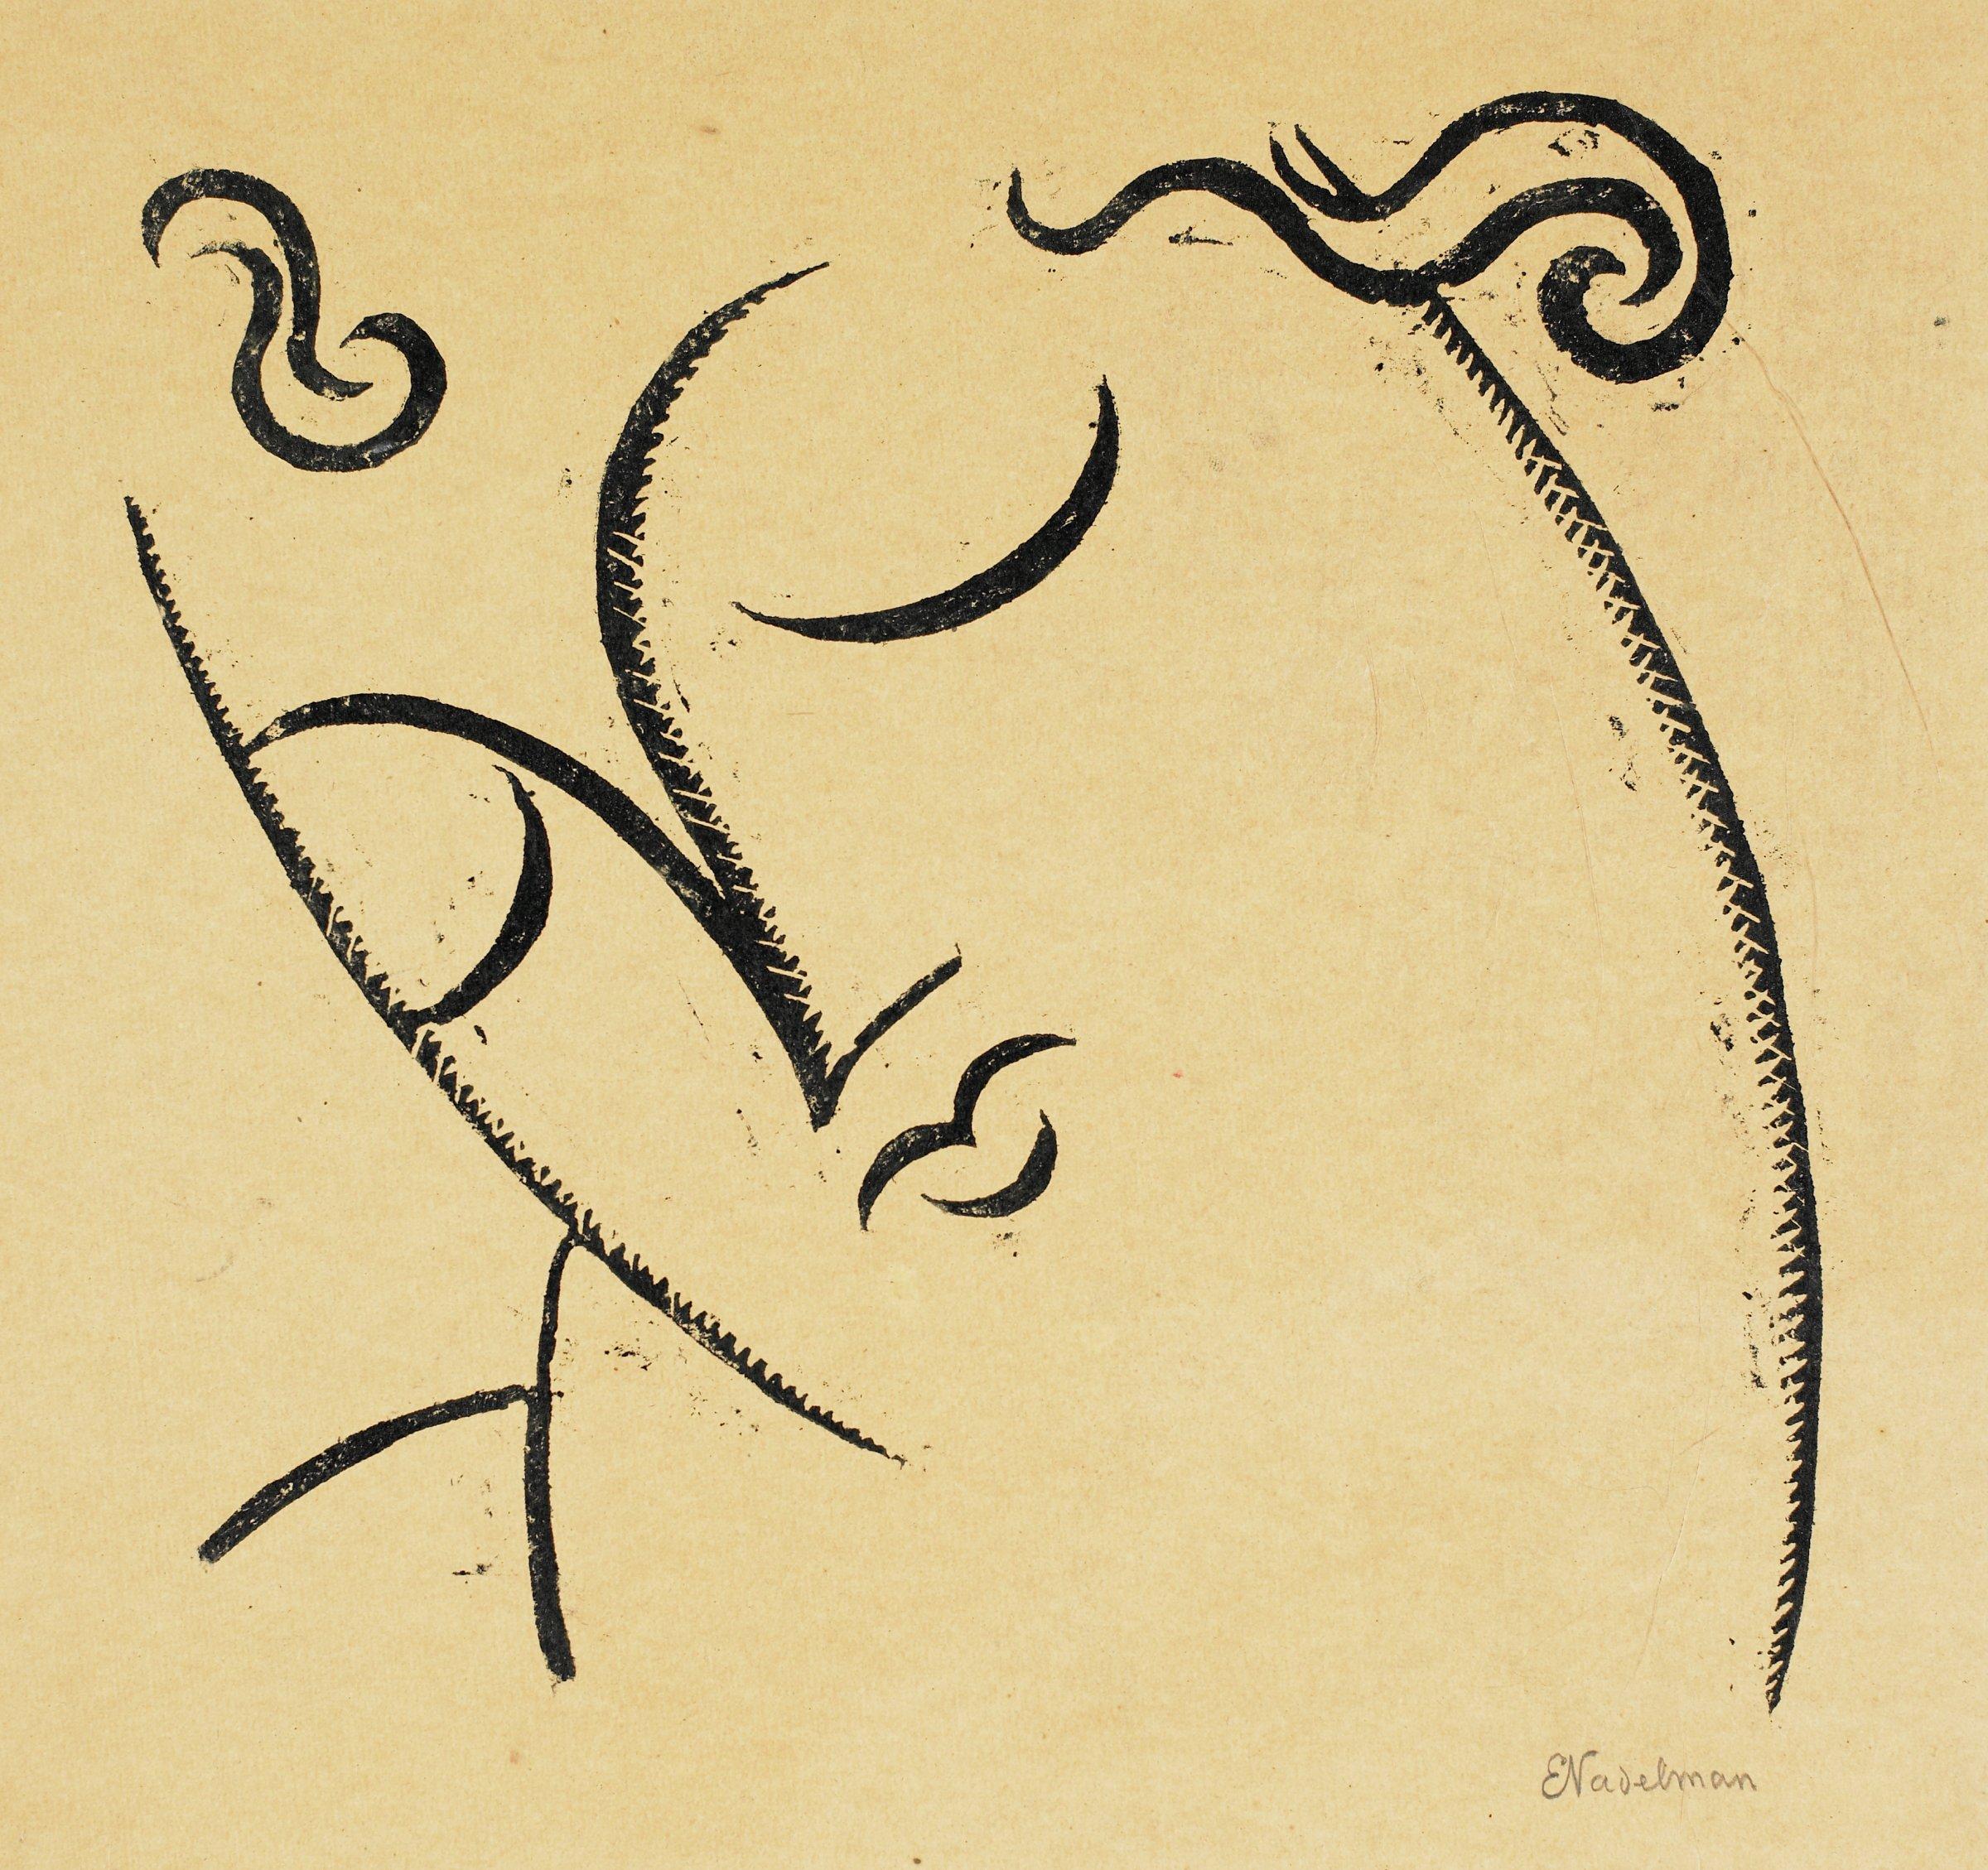 Head, Elie Nadelman, linocut on tan paper laid down on paperboard